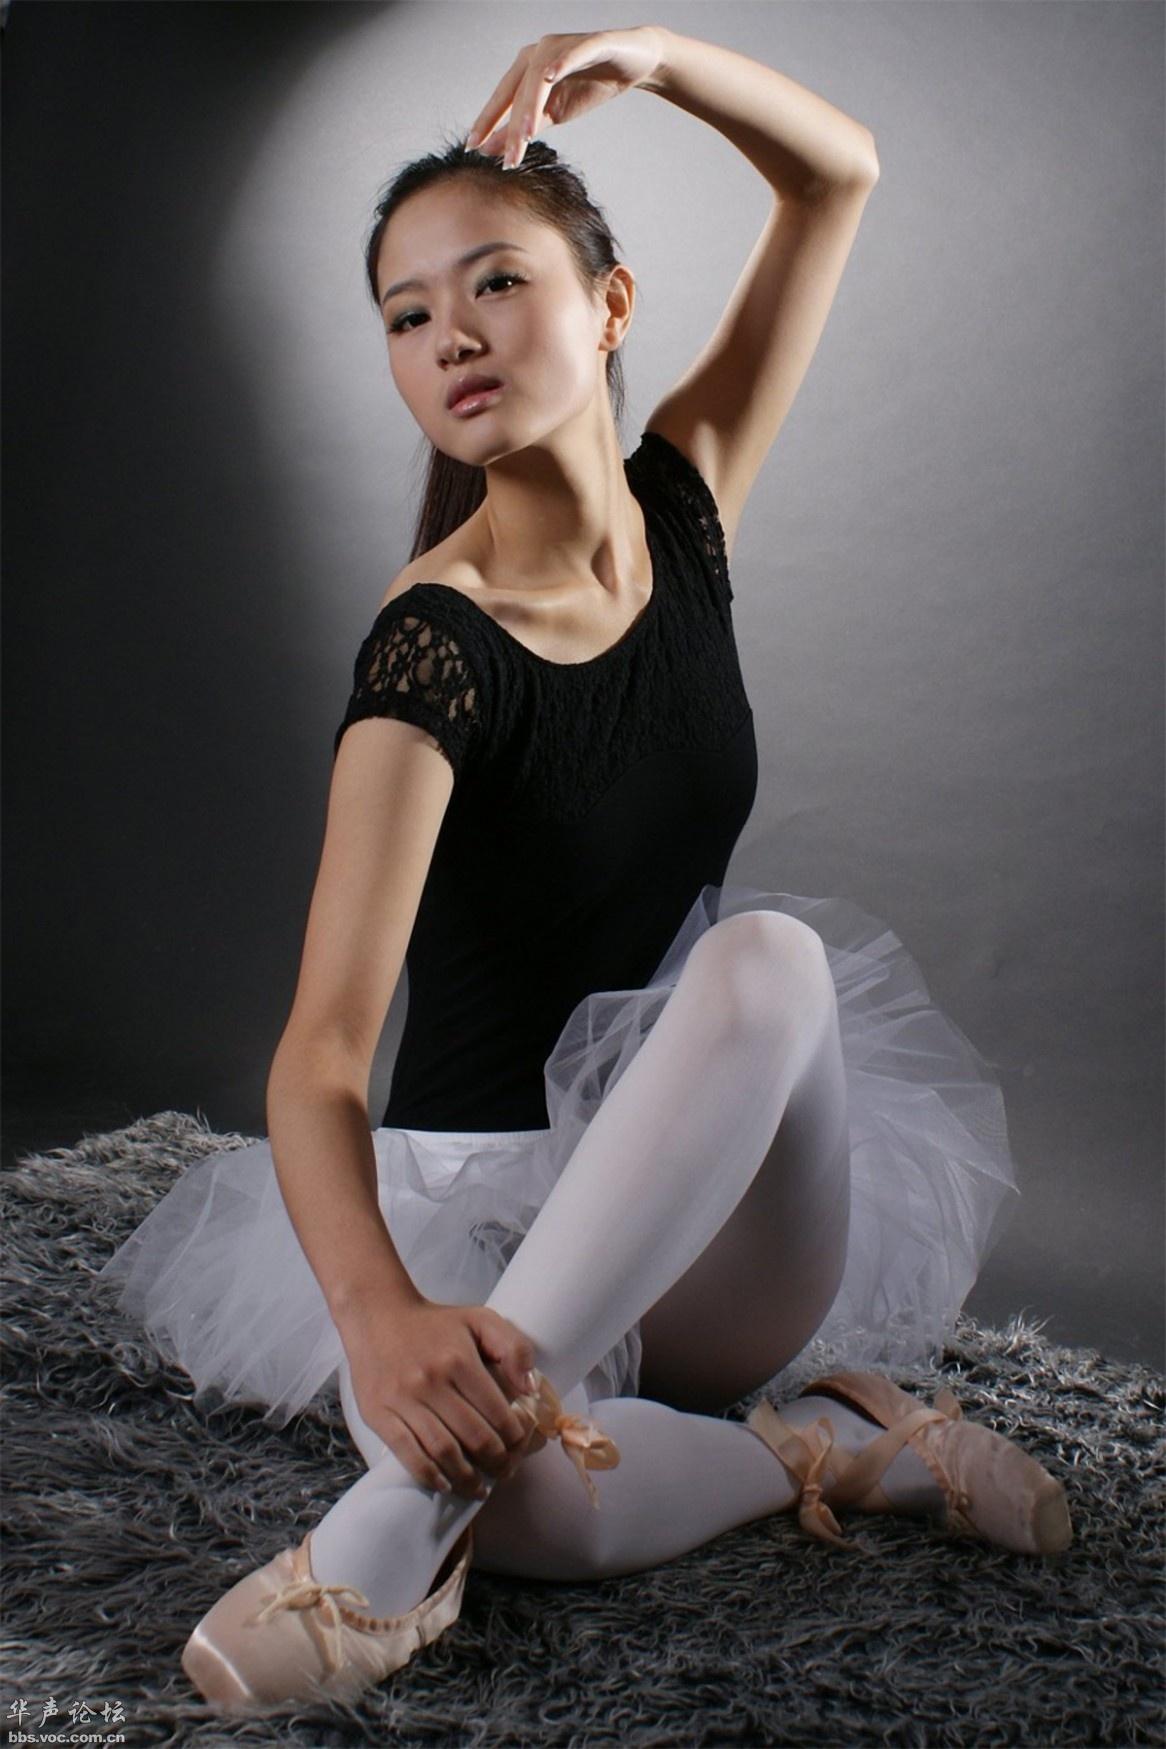 芭蕾 - 寒雪 - 寒雪·欢迎您!